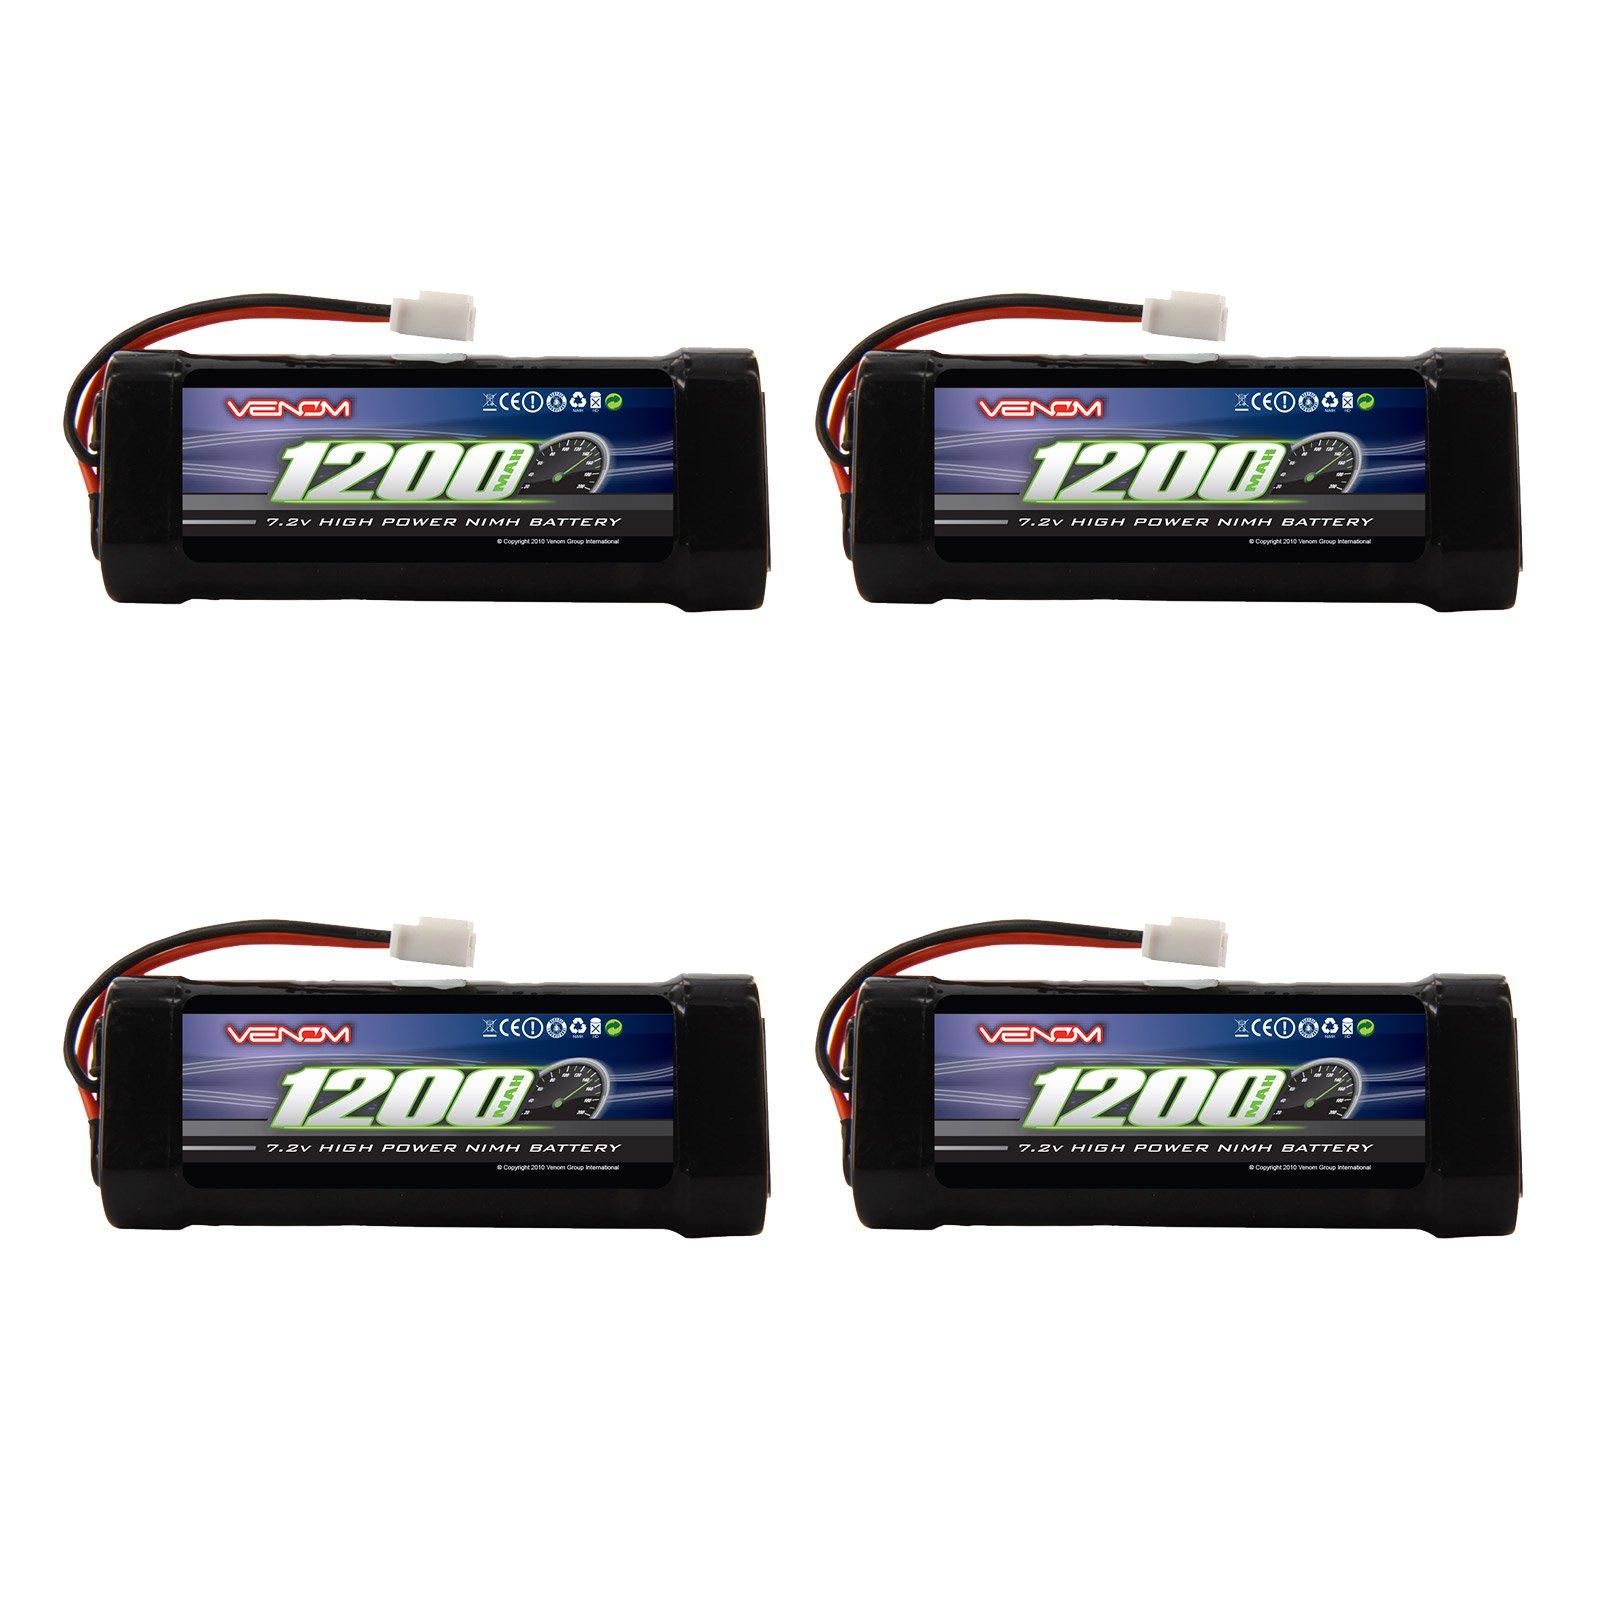 Venom 7.2v 1200mAh 6-Cell 2/3A NiMH Battery with Micro Molex Plug x4 Packs by Venom